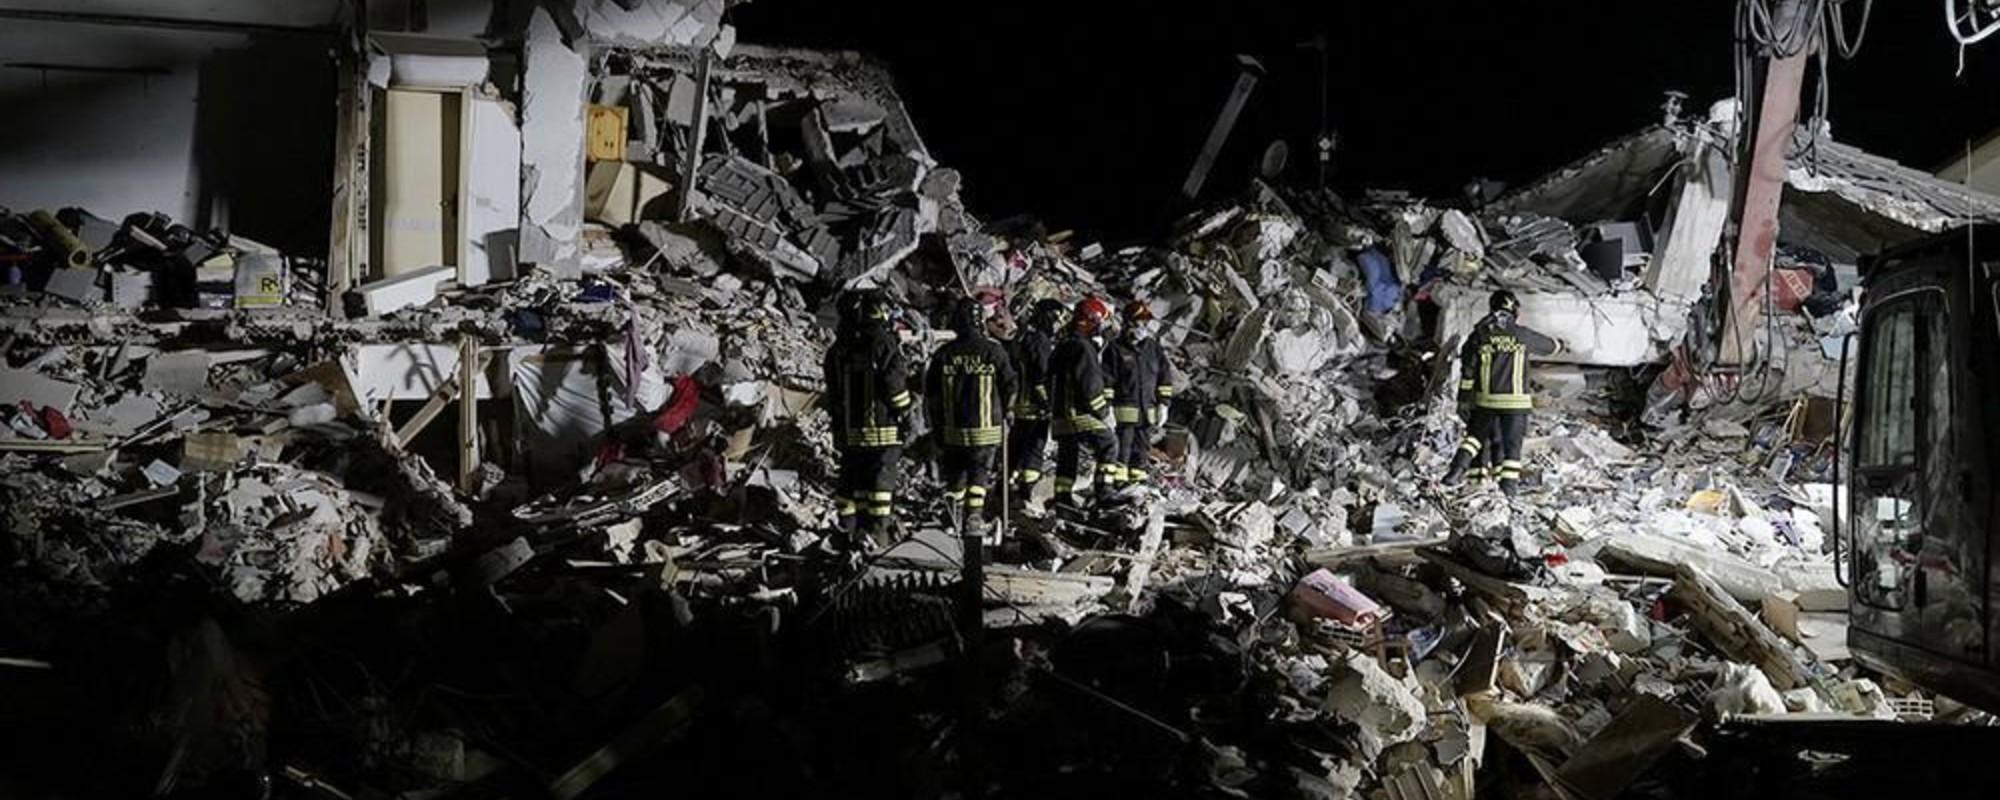 Am petrecut o noapte cu echipa de salvare care căuta supraviețuitori ai cutremurului din Italia